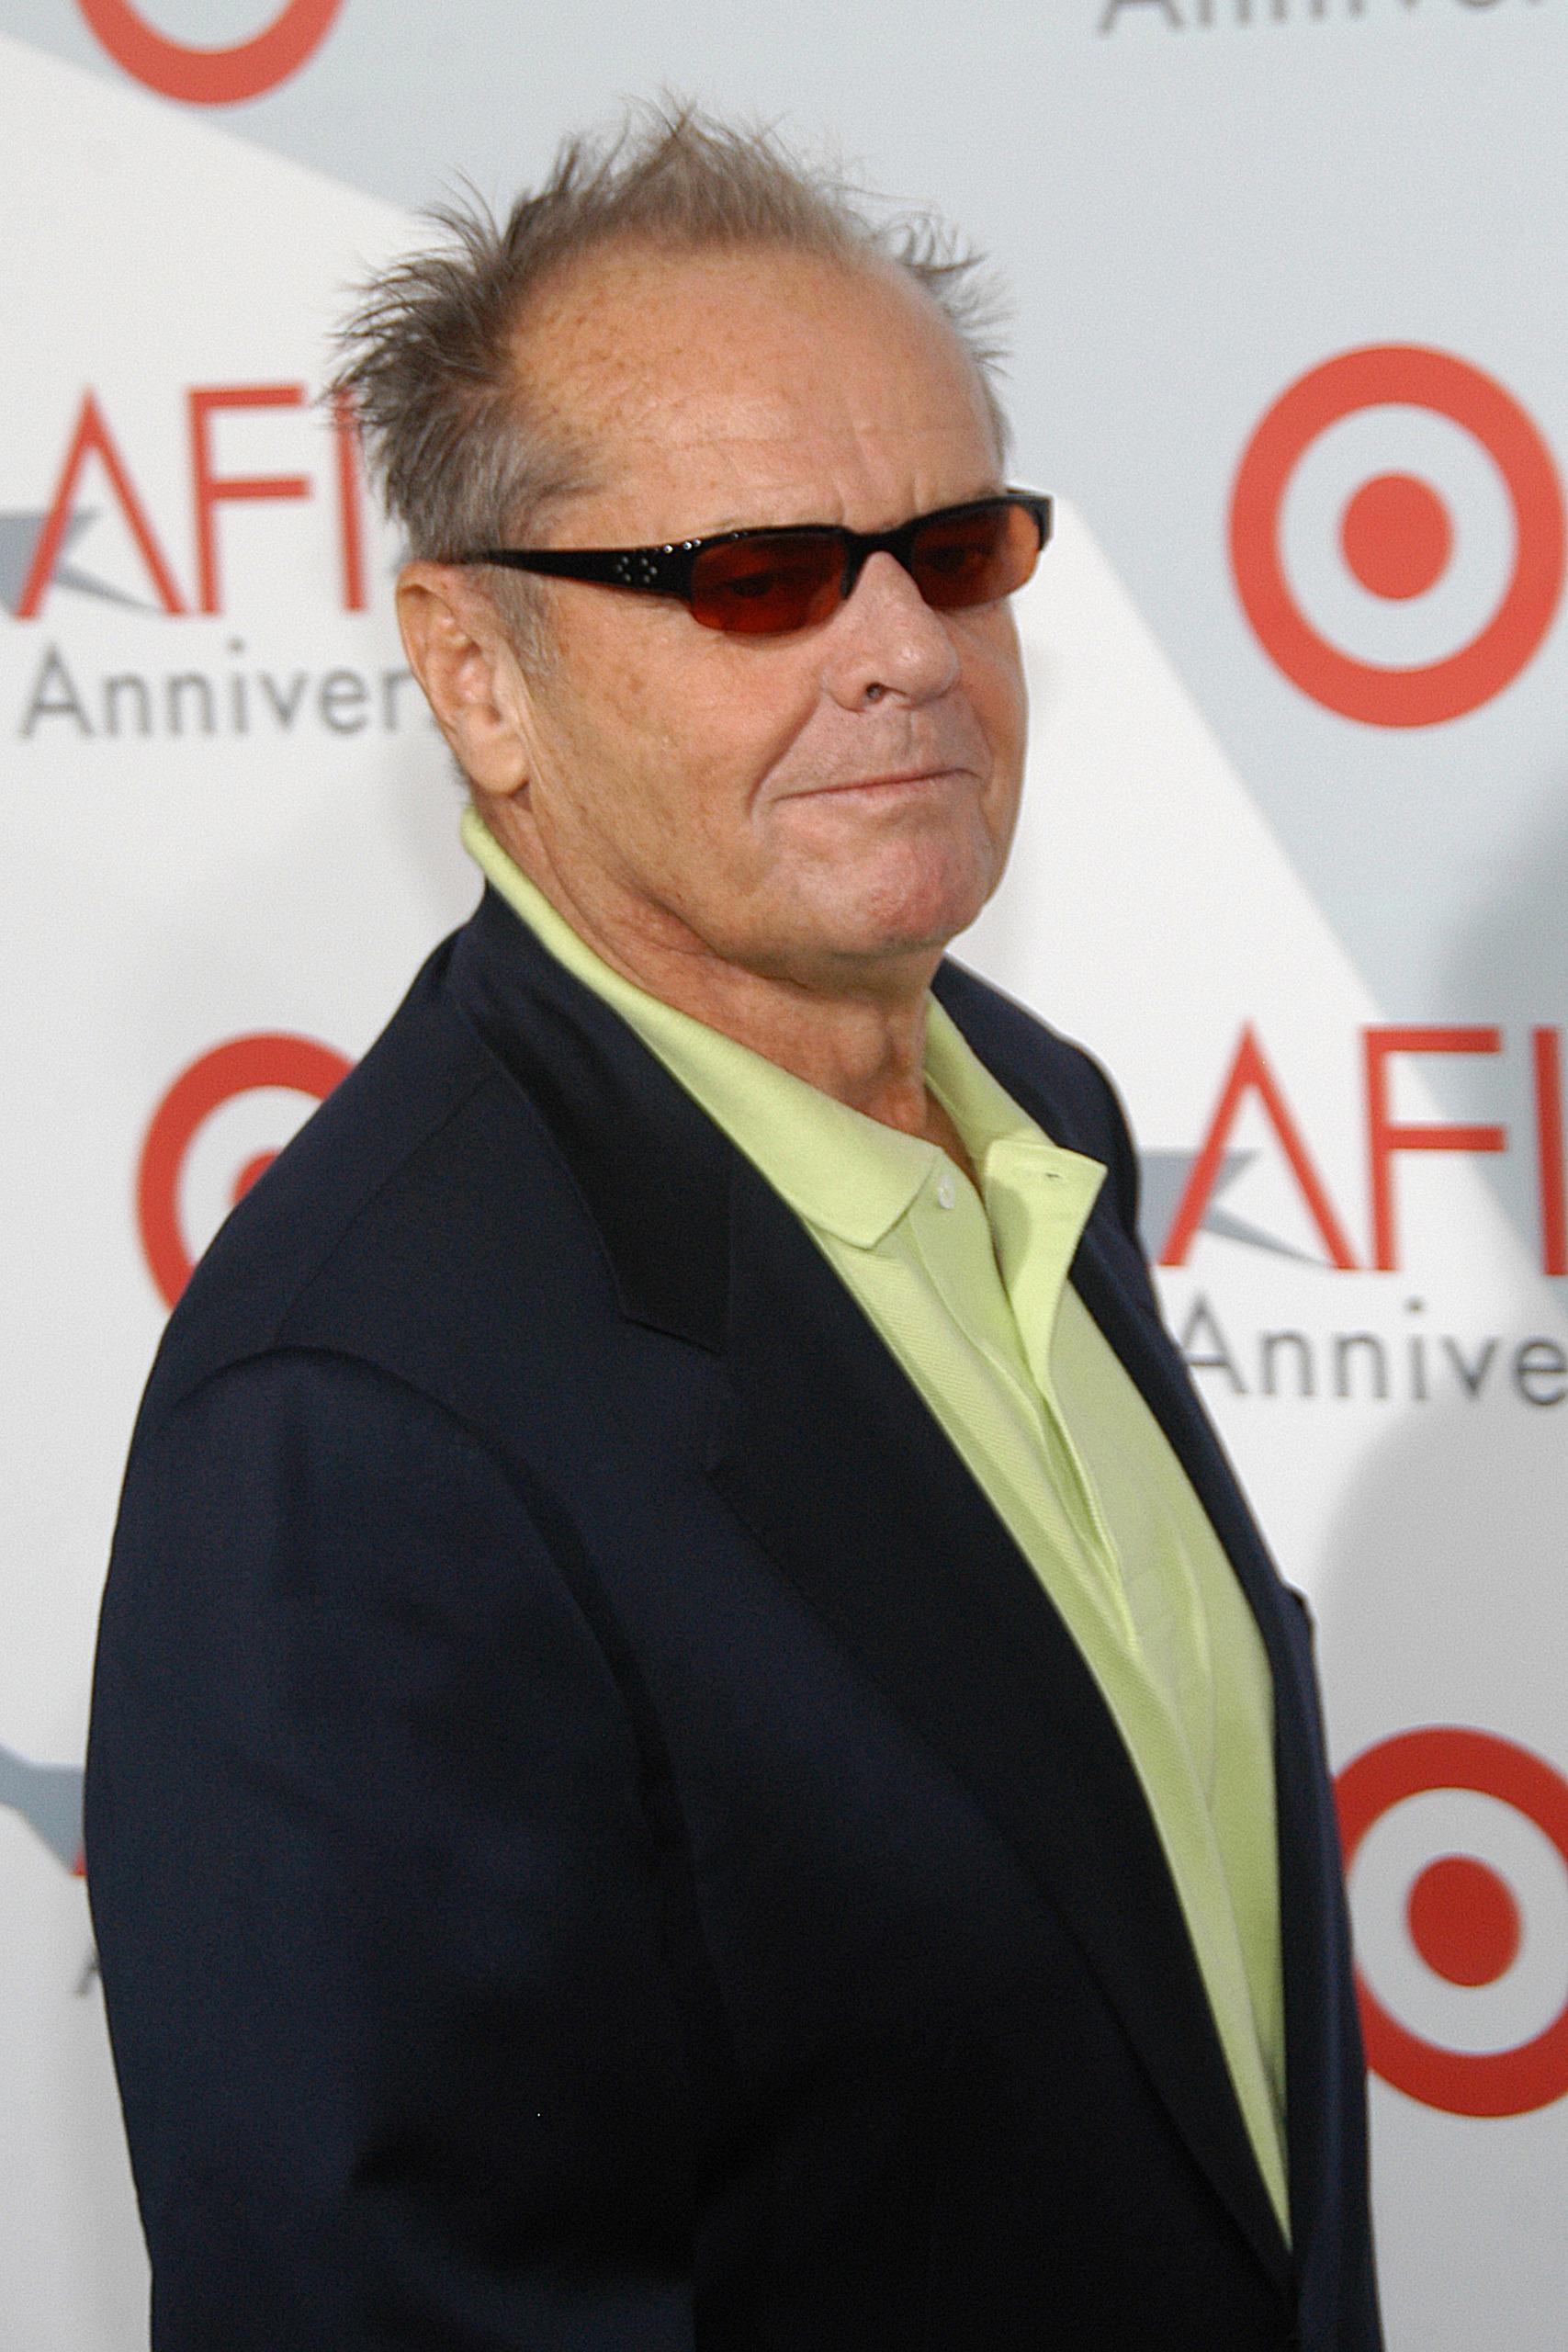 Jack Nicholson - Jack Nicholson Photo (31068090) - Fanpop